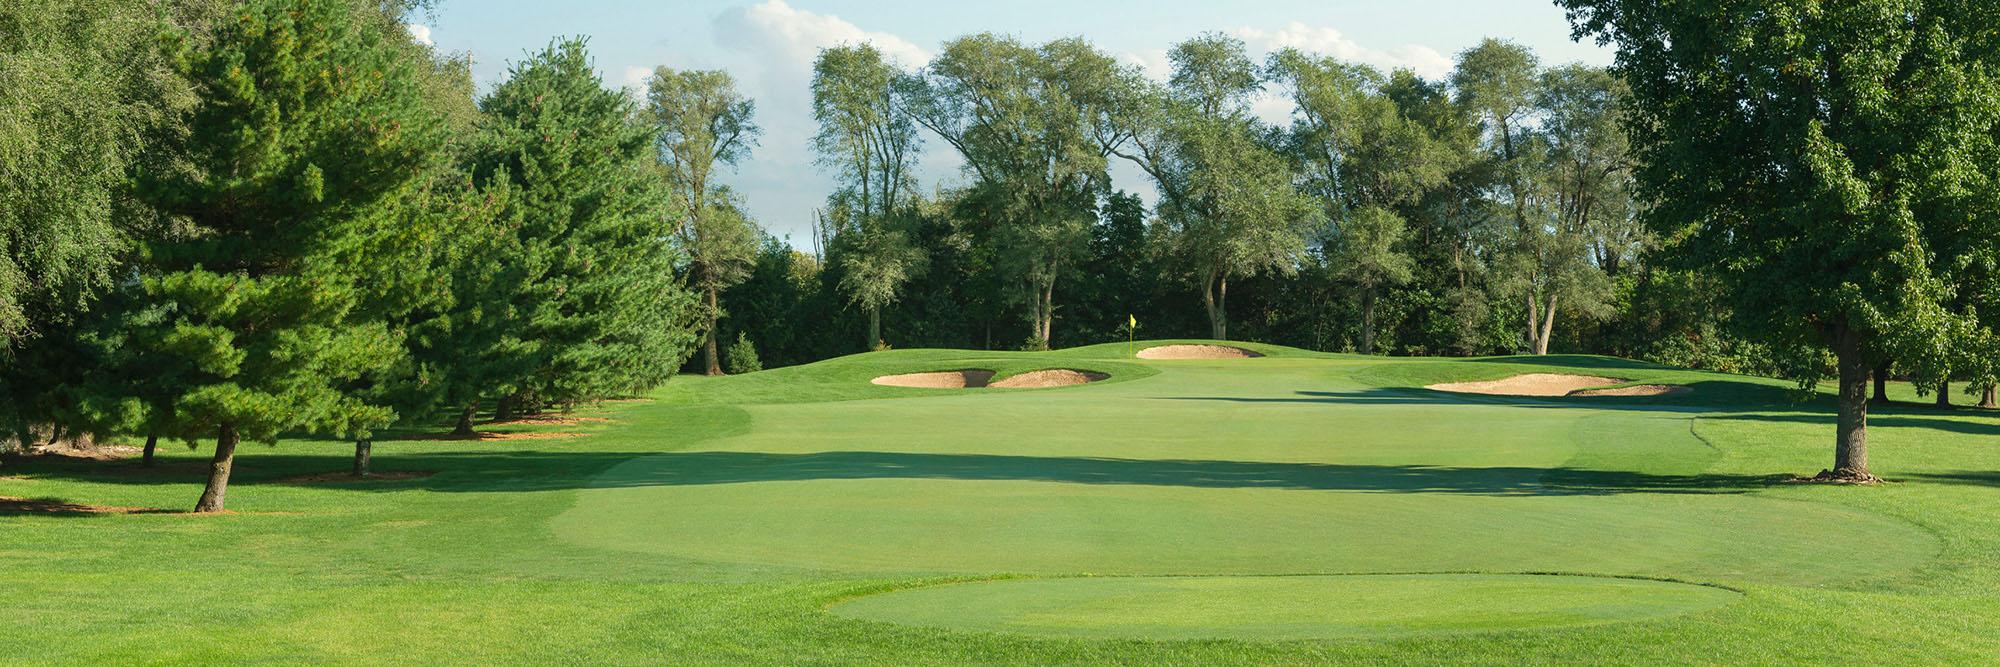 Golf Course Image - Hickory Hills No. 14